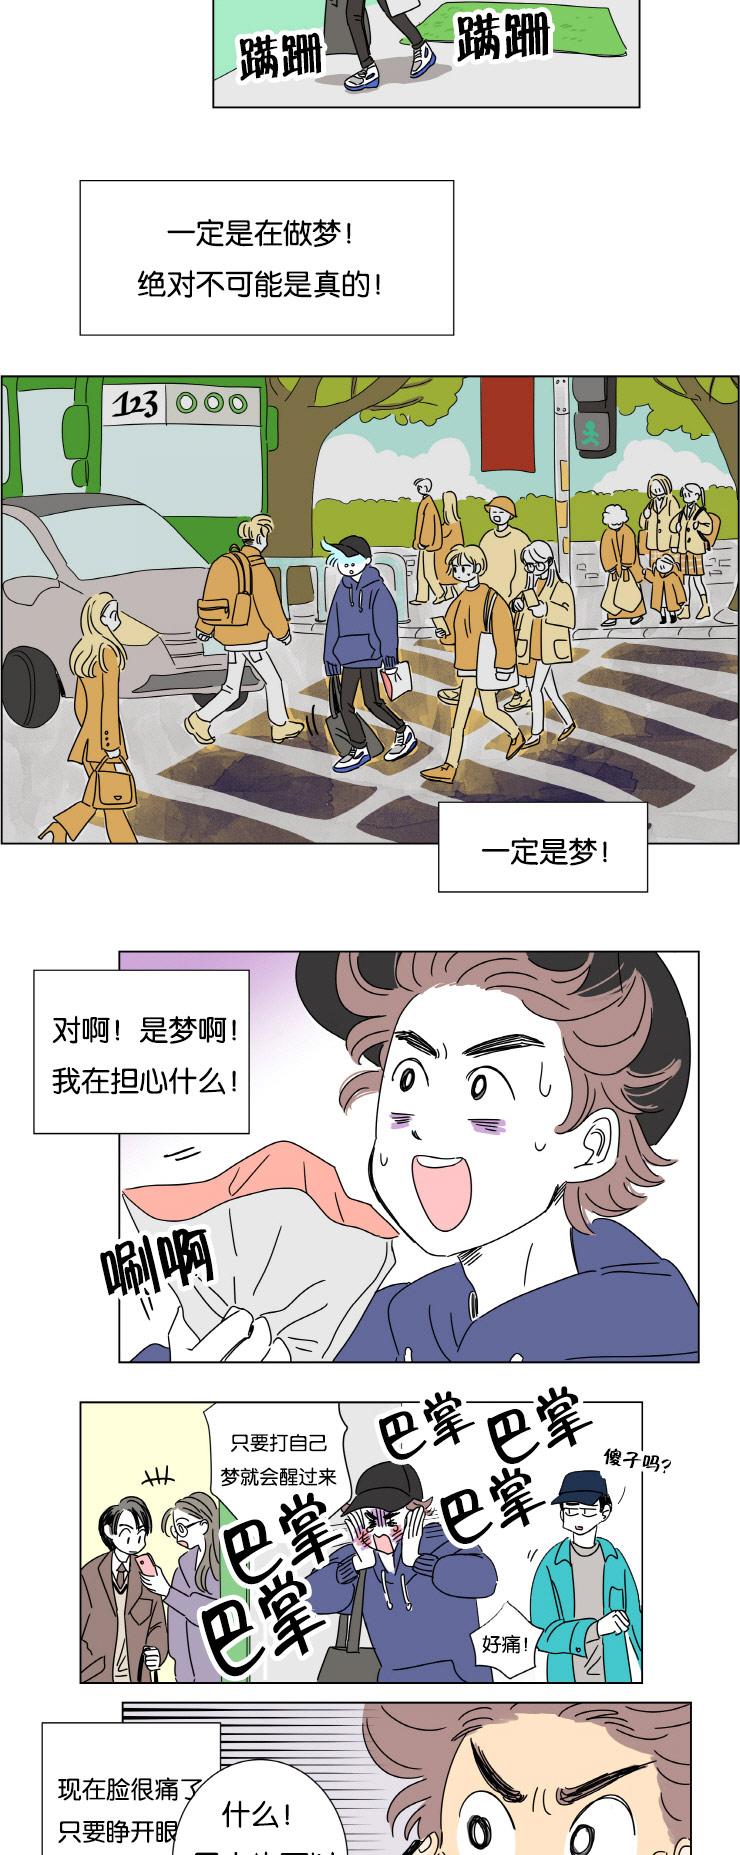 一家四口-男孕漫画下拉式在线阅读_完整版汉化(已完结)-啵乐漫画